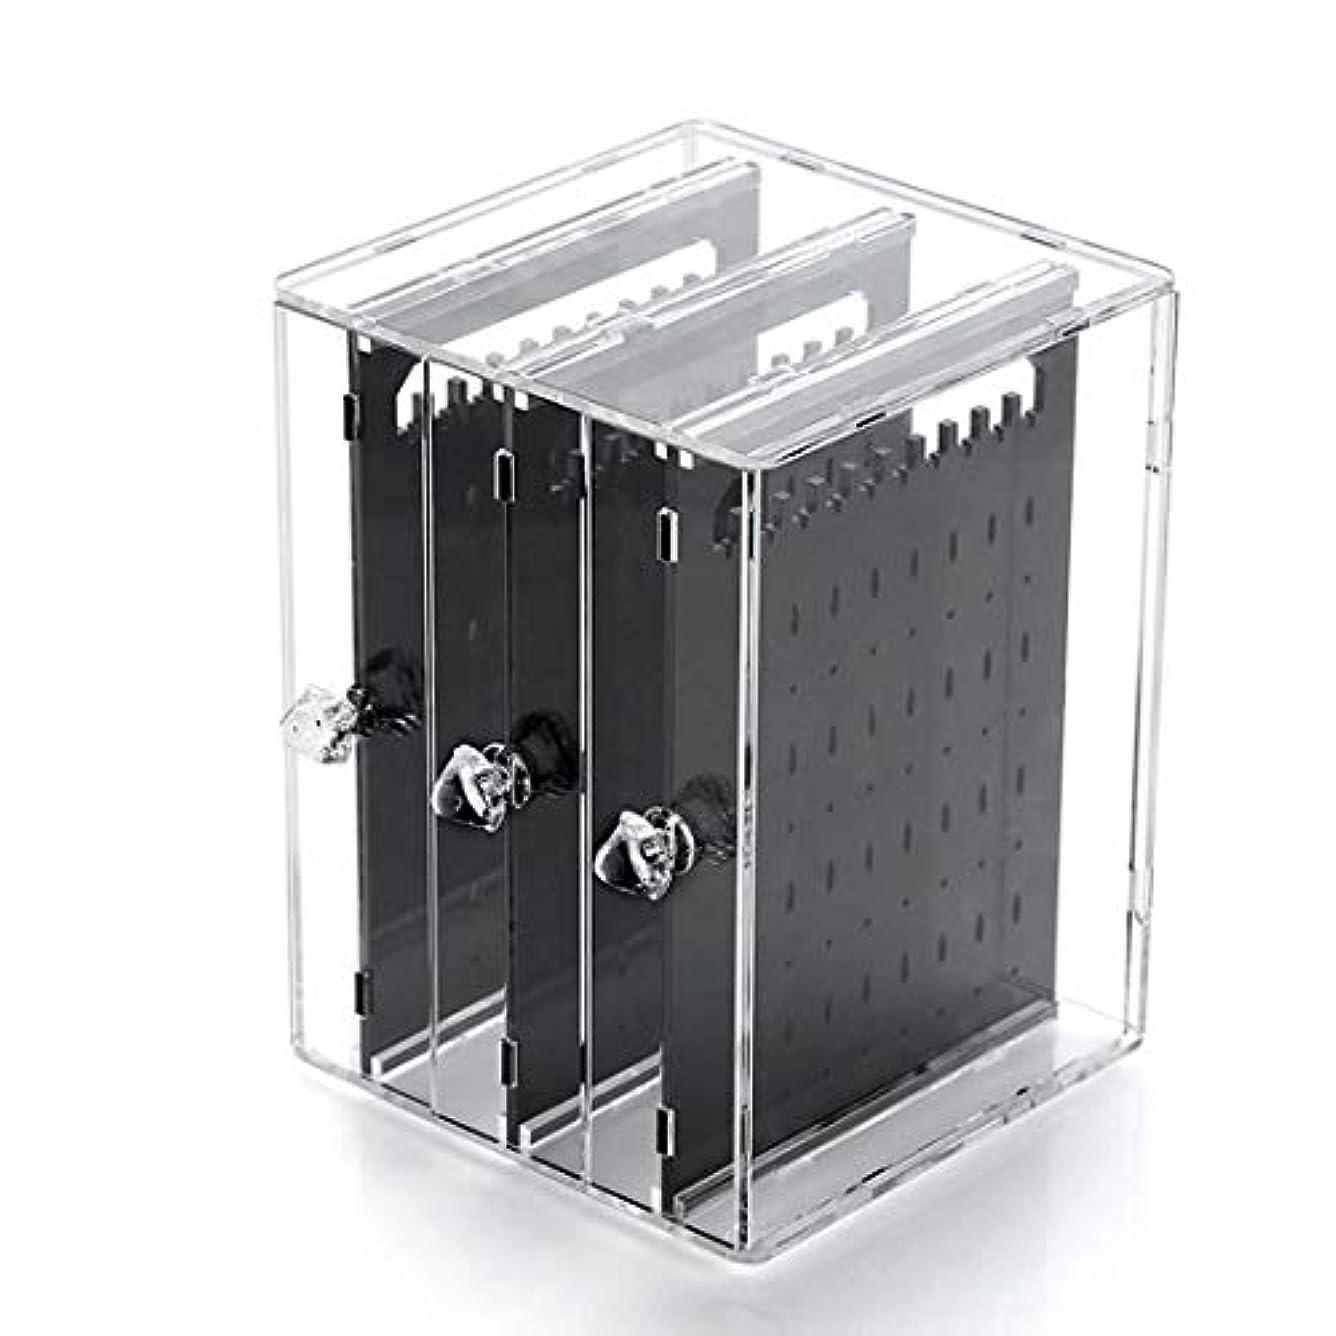 ルーフ電子一方、Ryohan ピアス&イアリングスタンド ジュエリー収納 アクリル樹脂 引き出し式ピアス収納スタンド アクセサリー収納 (透明)